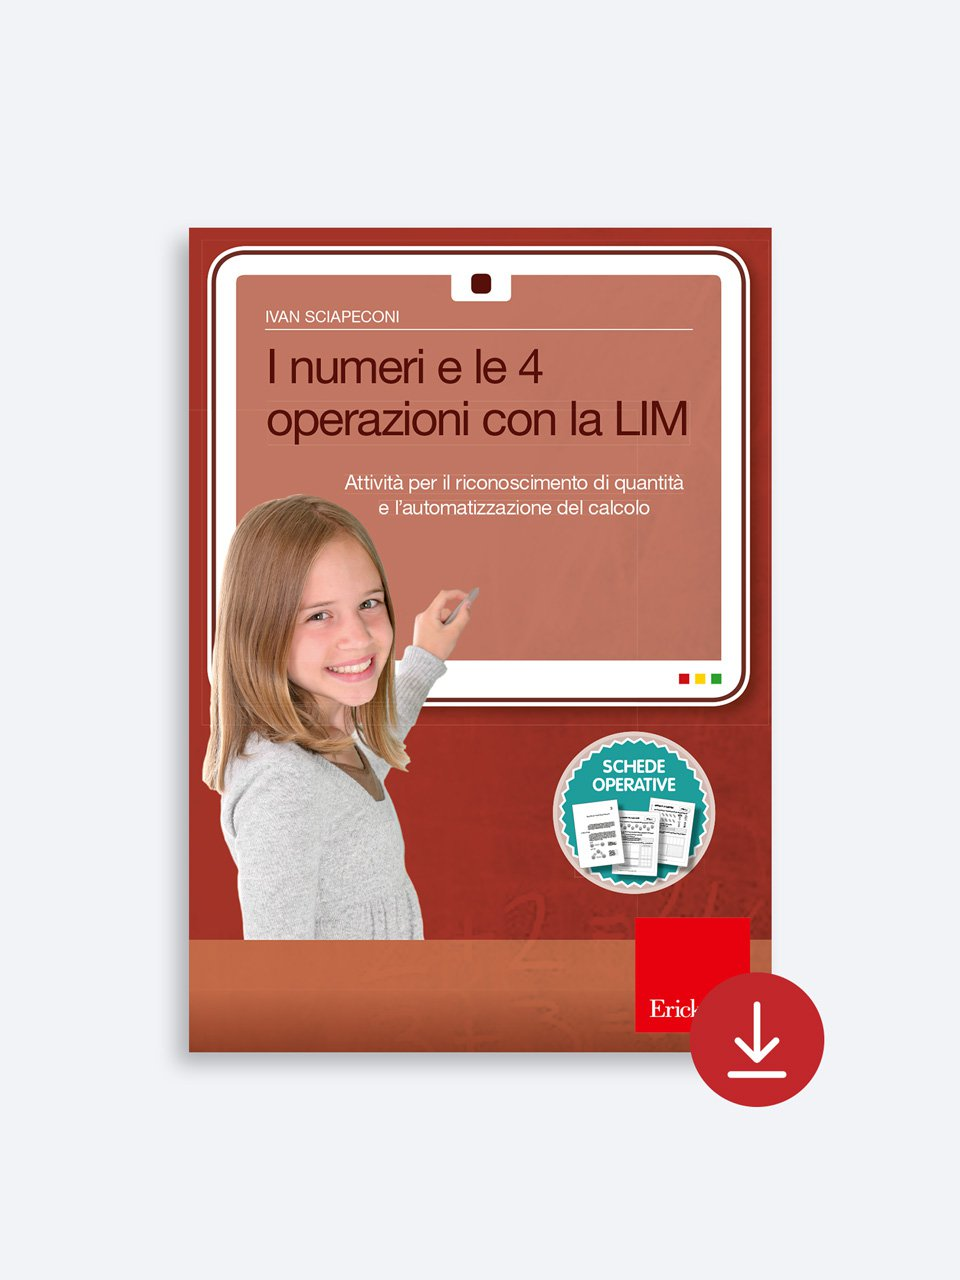 I numeri e le 4 operazioni con la LIM - Magica-mente 1 - Libri - Erickson 2